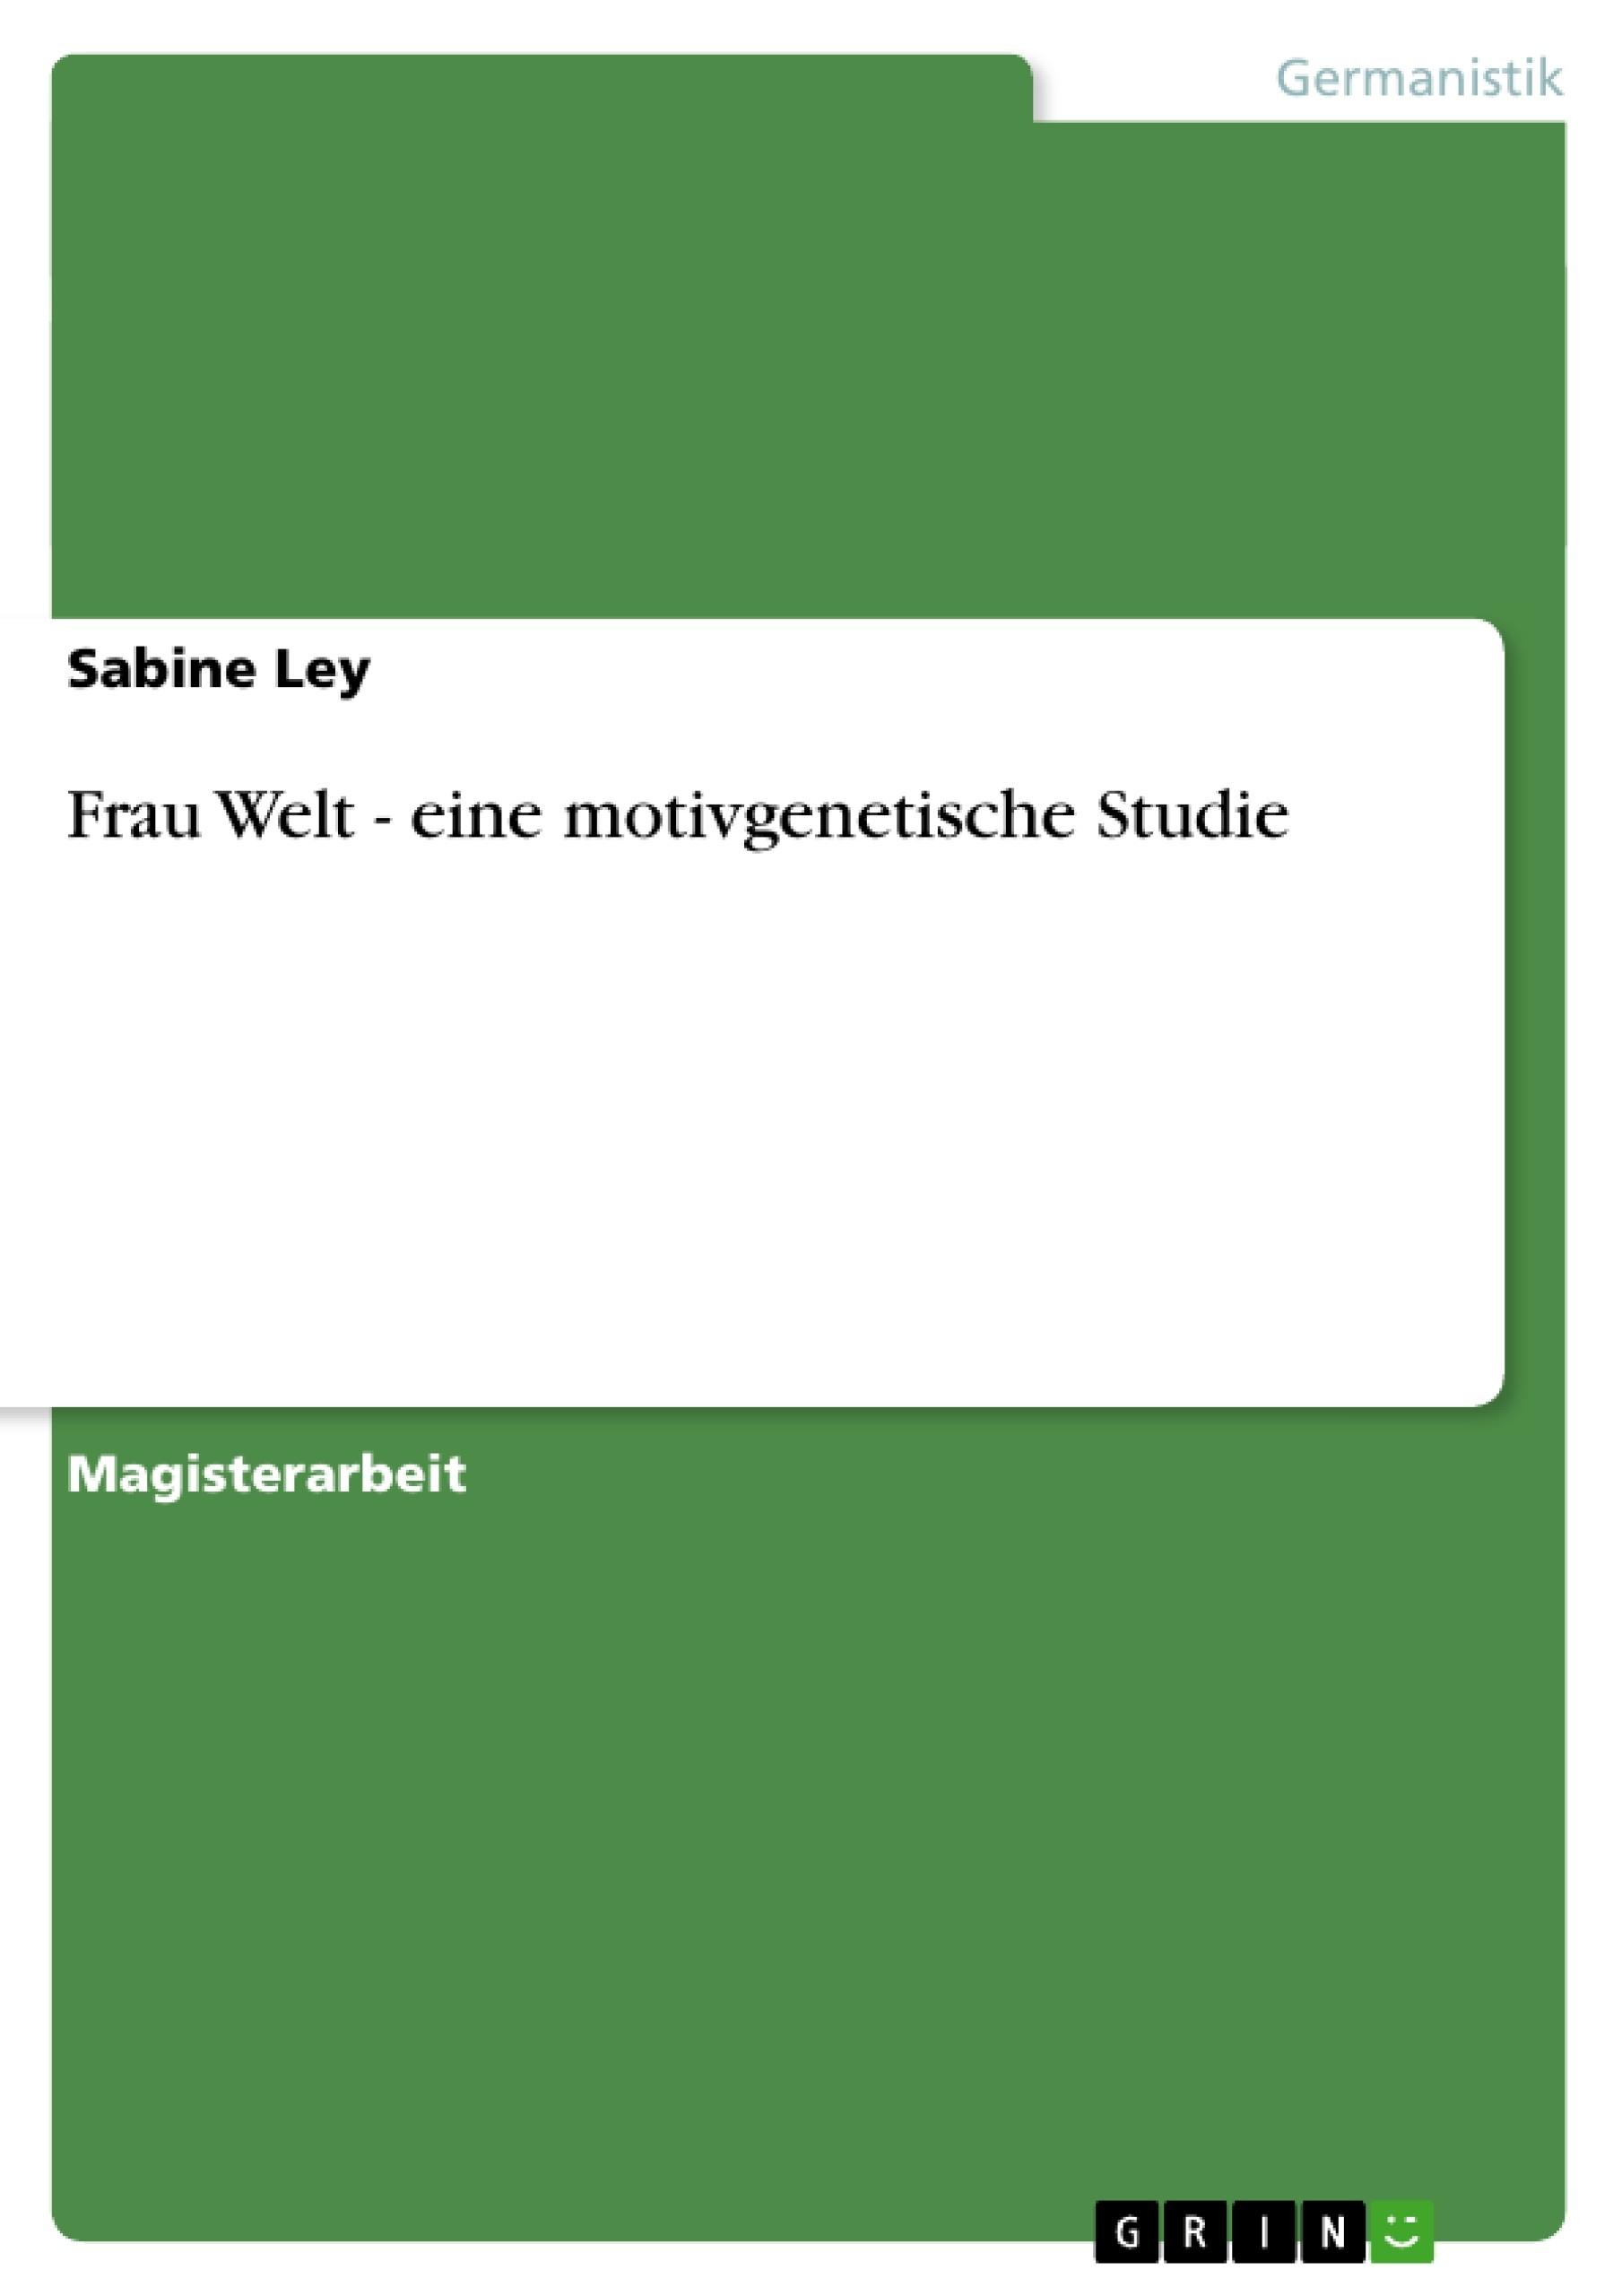 Titel: Frau Welt - eine motivgenetische Studie